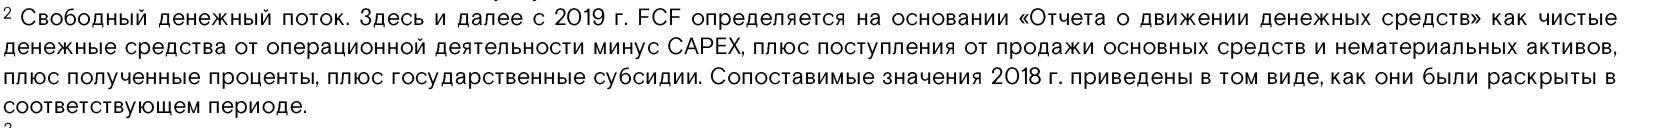 Ростелеком 3кв 2019 Трансформация с замедлением.